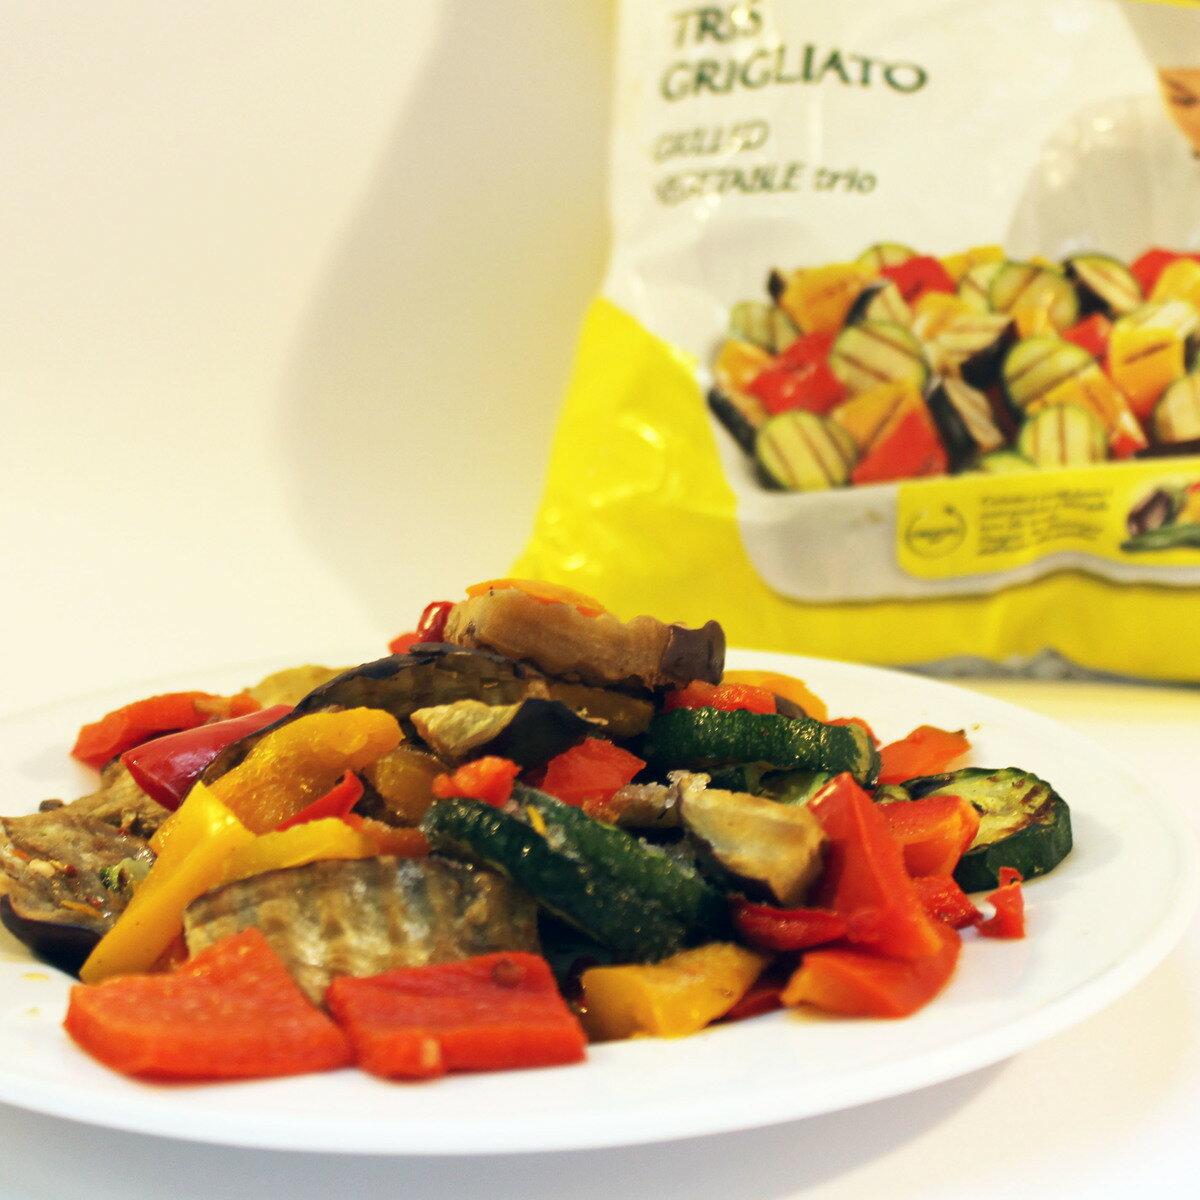 冷凍/グリル野菜/ミックス/なす/ズッキーニ/赤ピーマン/黄ピーマン/1kg